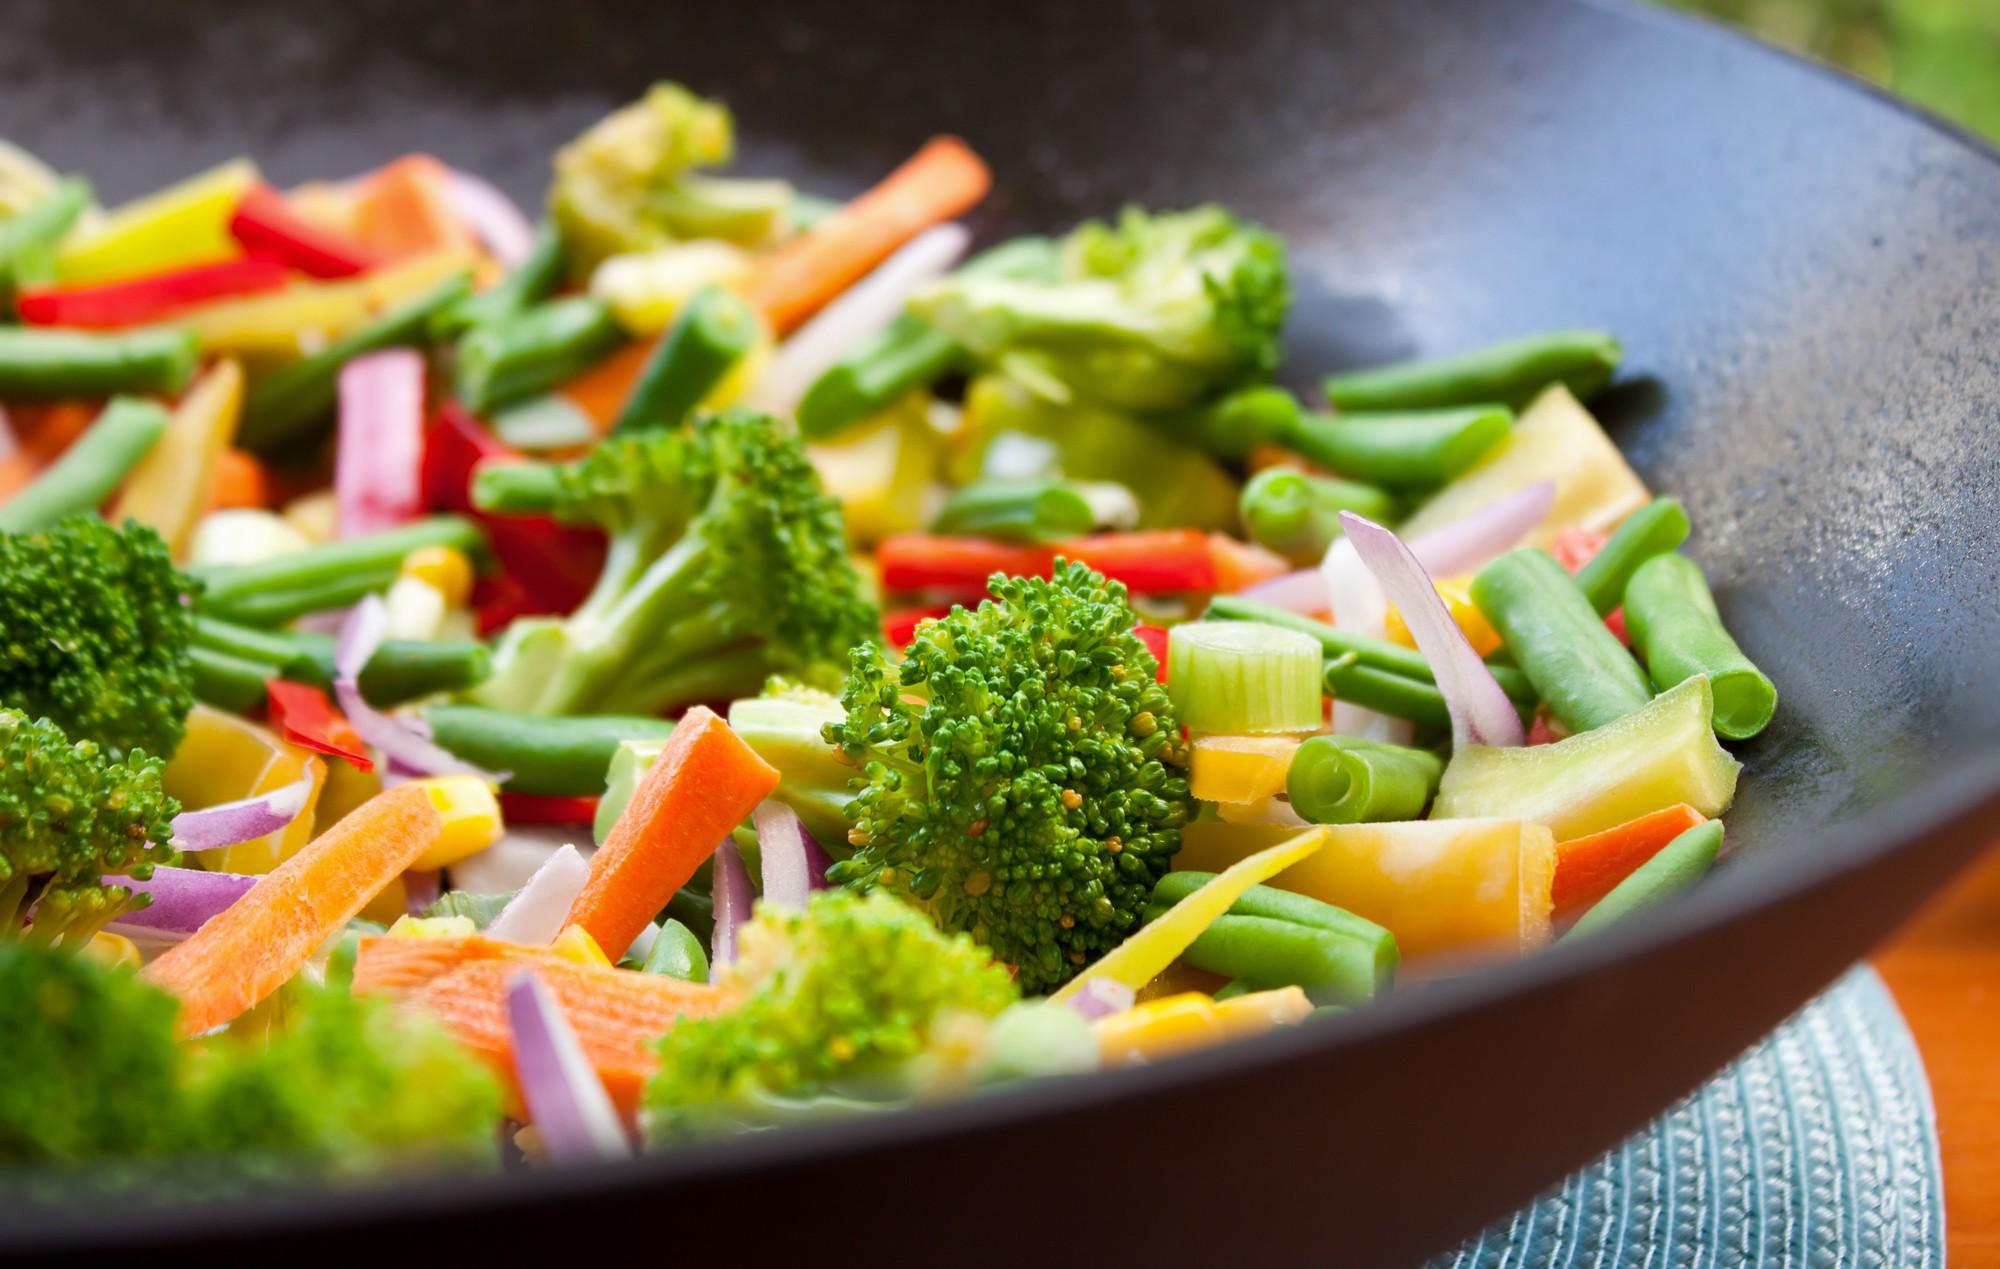 Phòng ngừa bệnh đái tháo đường nhờ những thực phẩm giúp giảm lượng đường một cách tự nhiên - Ảnh 1.